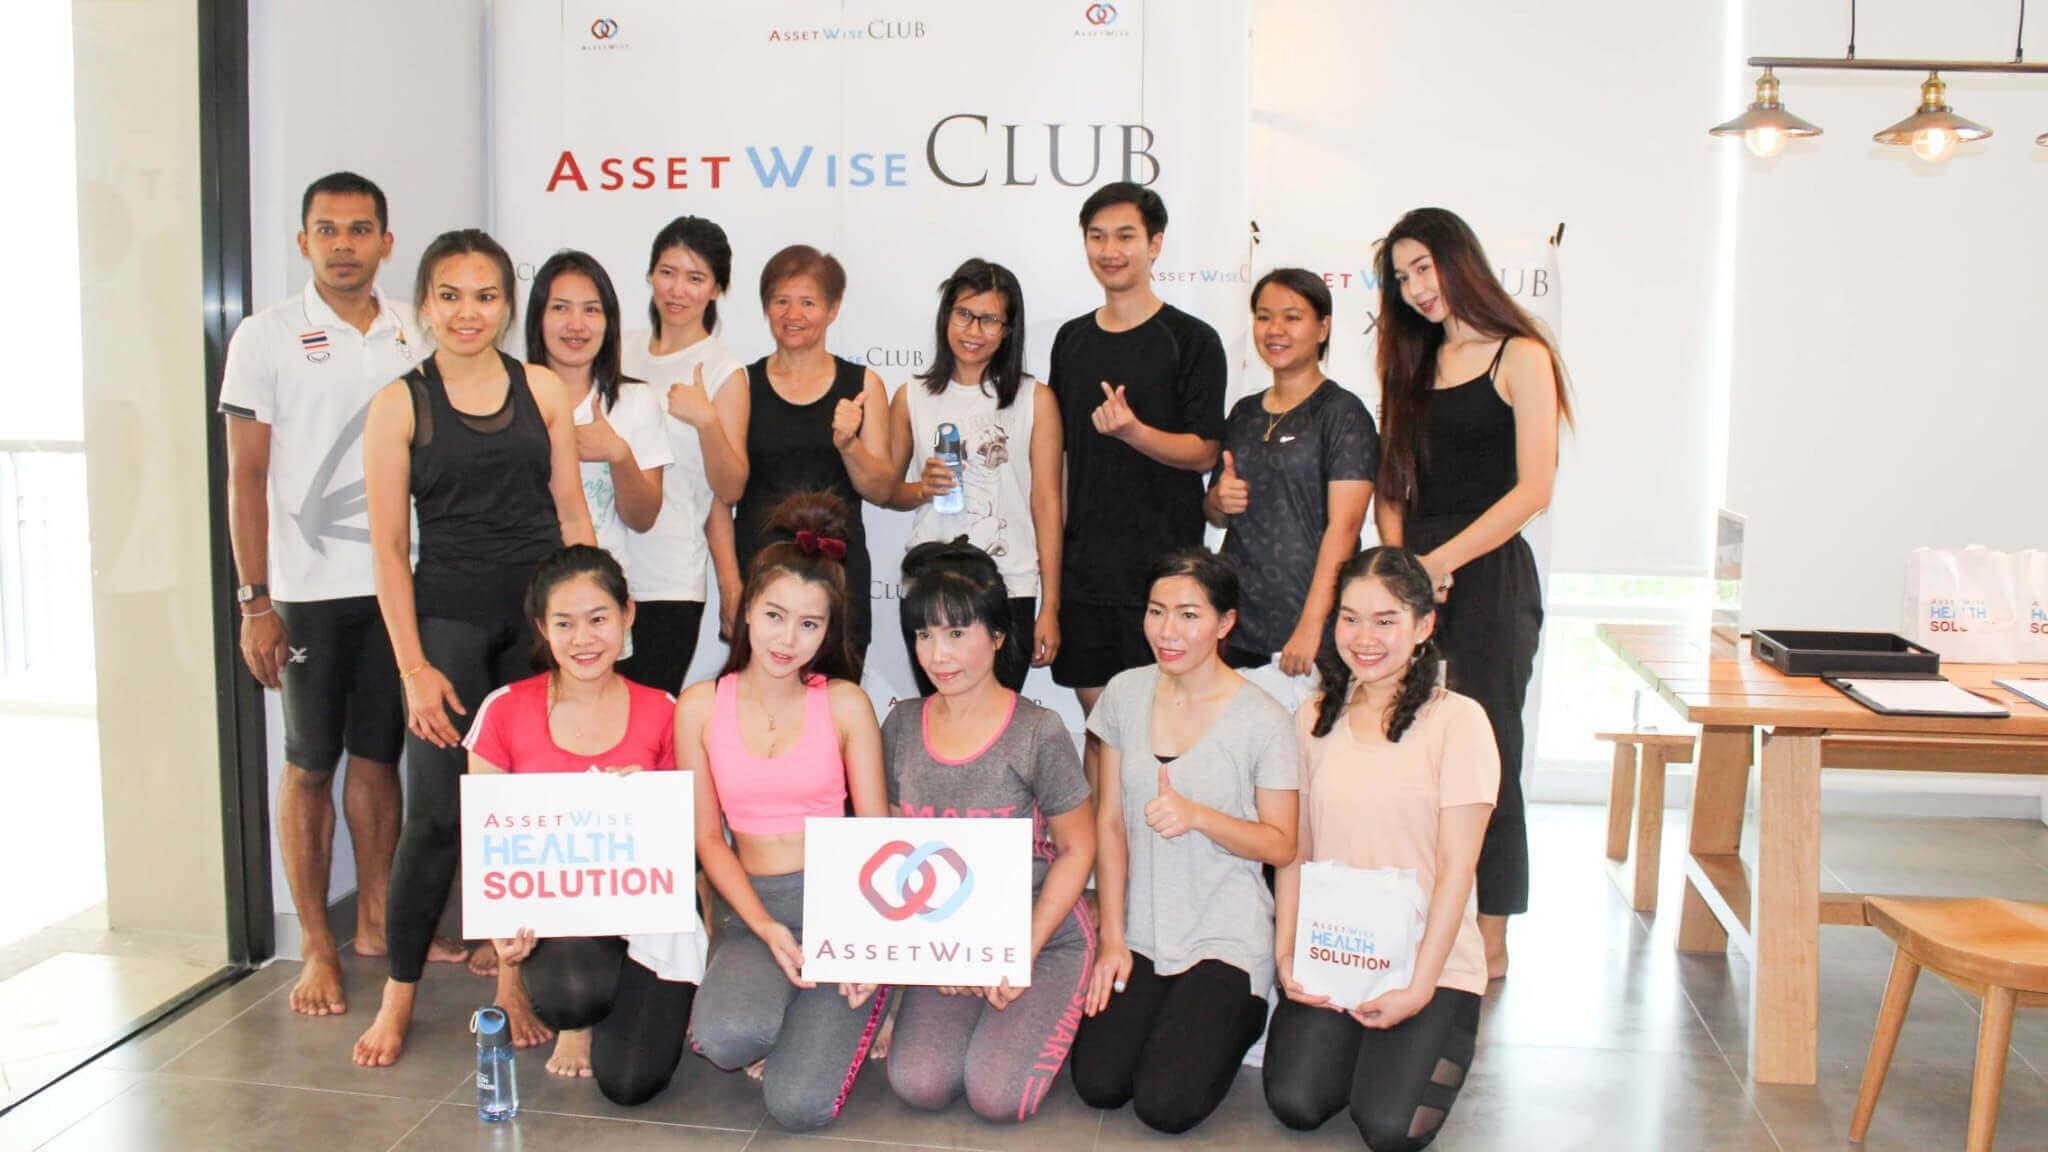 AssetWise Club ร่วมกับ Absolute You จัดกิจกรรม Workshop โยคะ เพื่อสมาชิกโดยเฉพาะ